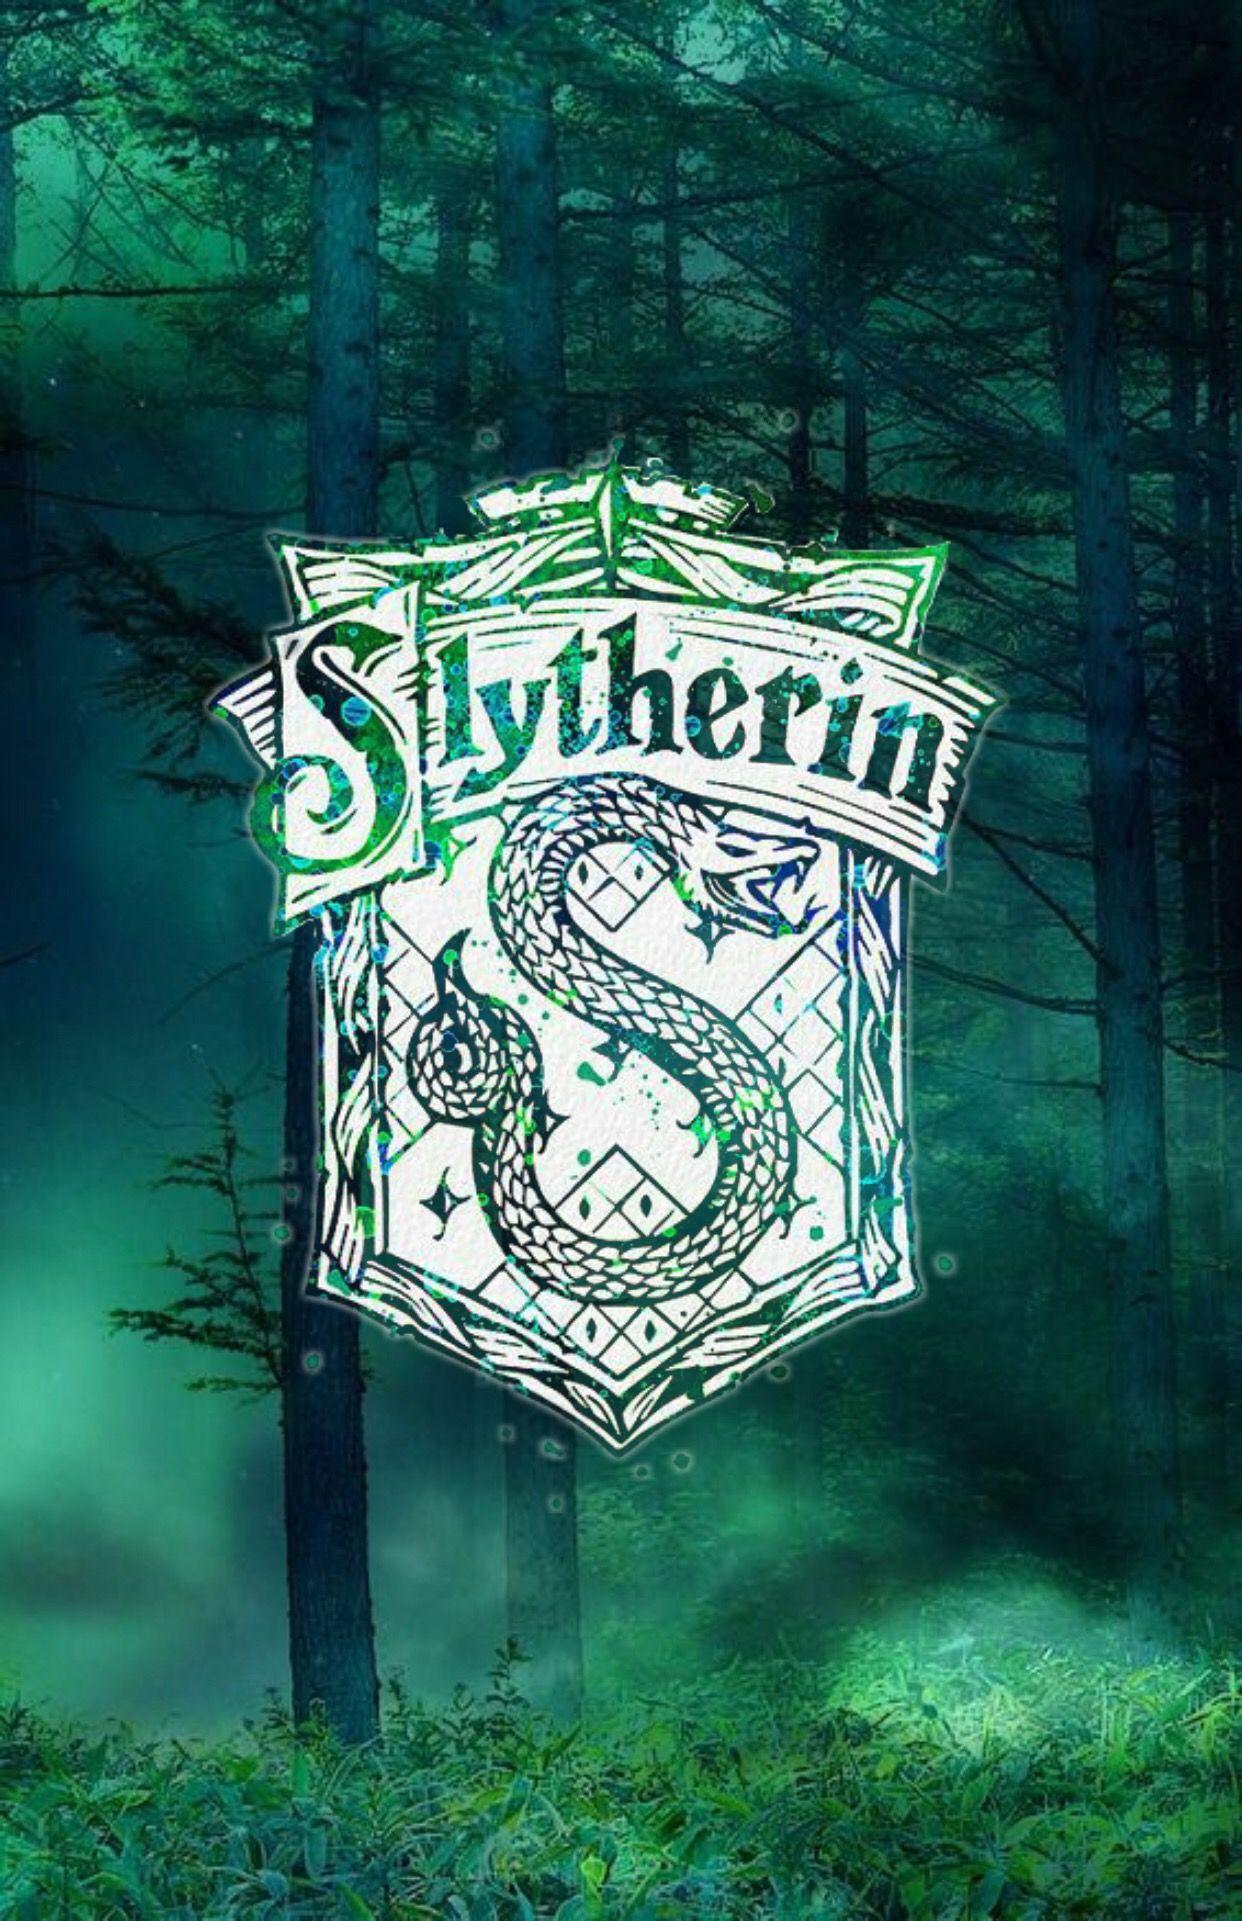 Slytherin Hogwarts Harry Potter Harry Potter Iphone Wallpaper Slytherin Harry Potter Harry Potter Iphone